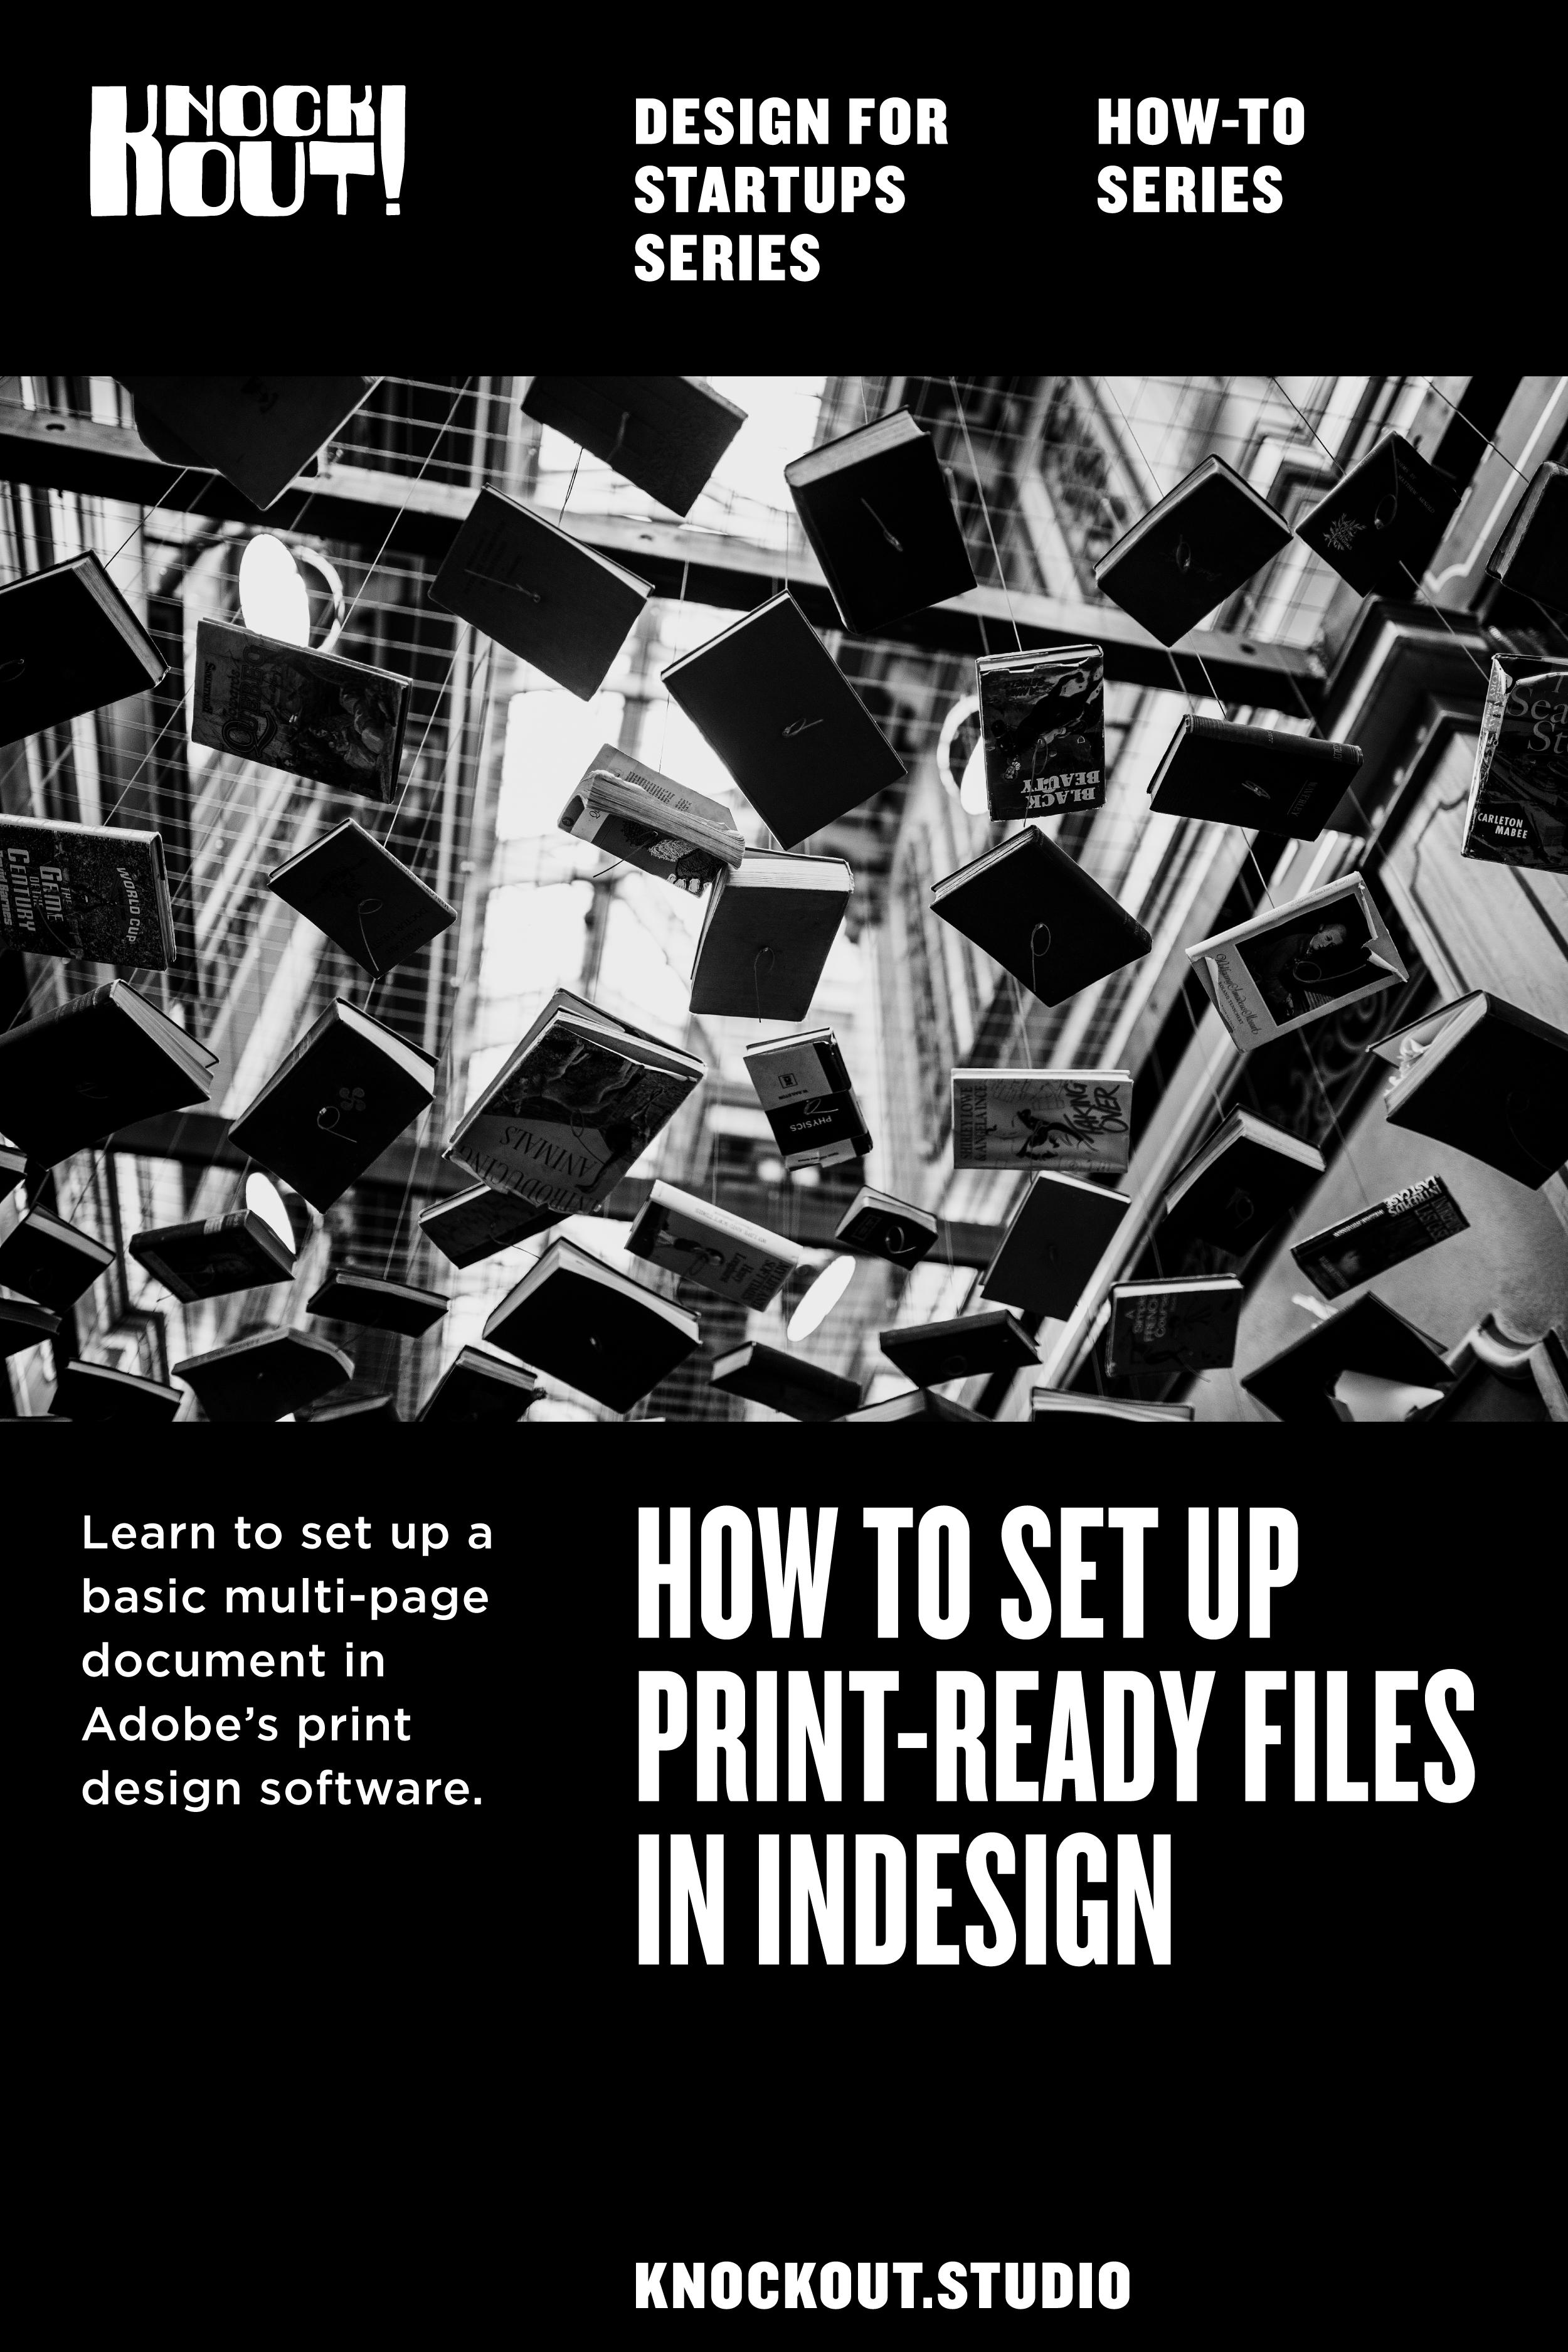 PrintSetup-InDesign.png